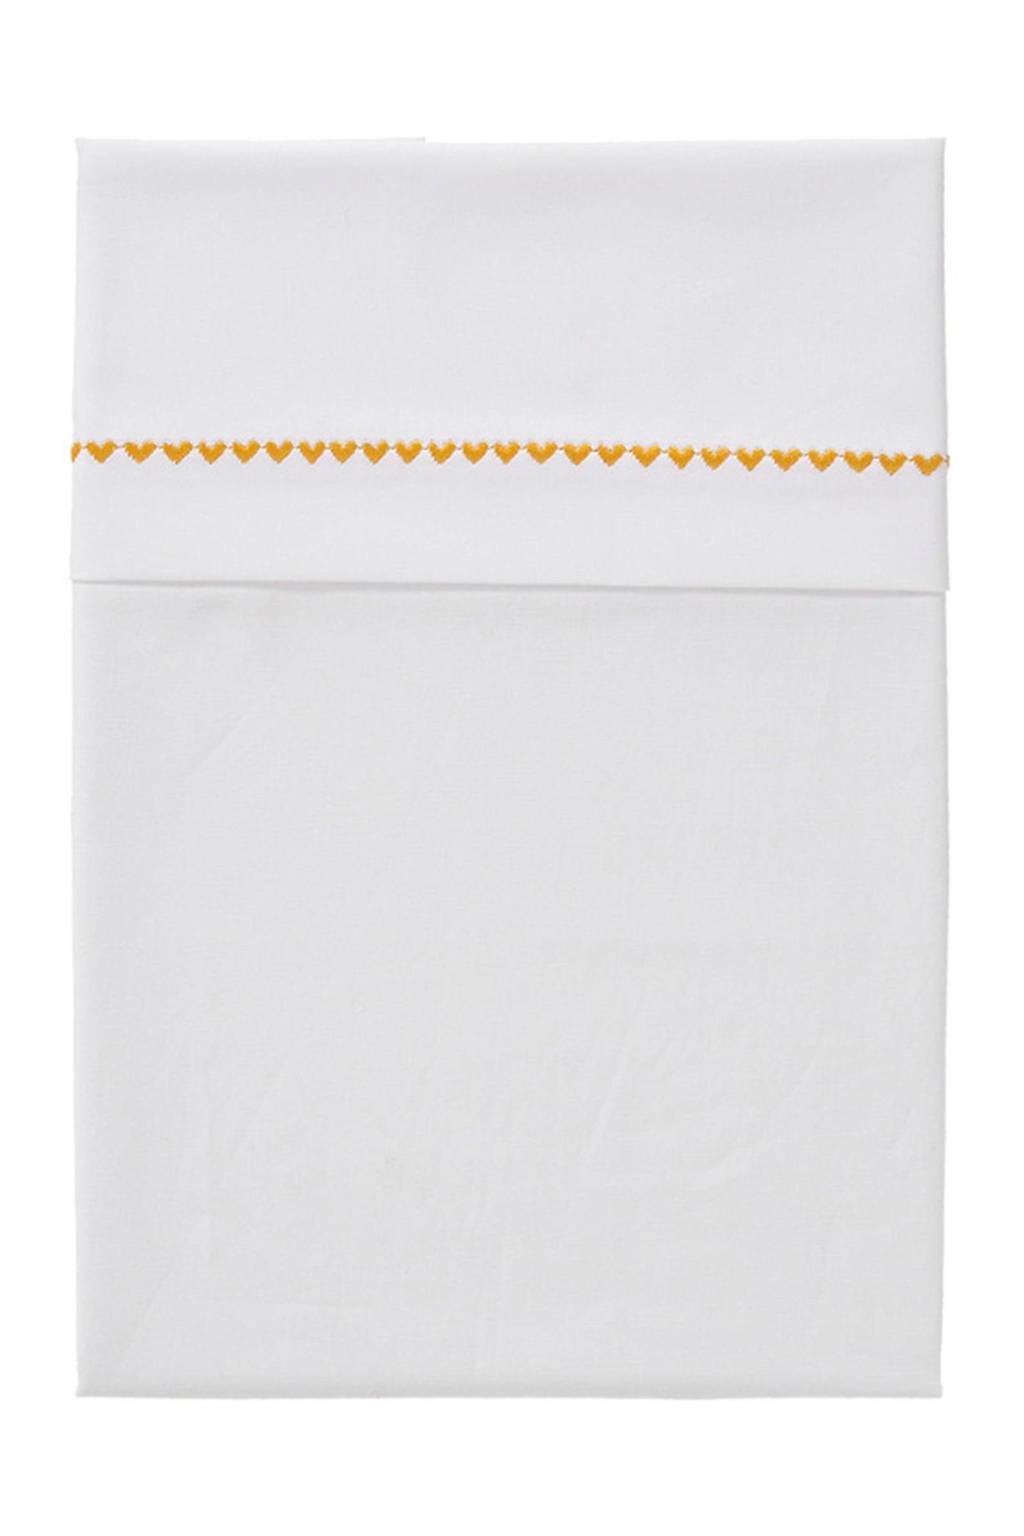 Cottonbaby Bolletjes wieglaken 75 x 90 cm wit/okergeel, 75x90